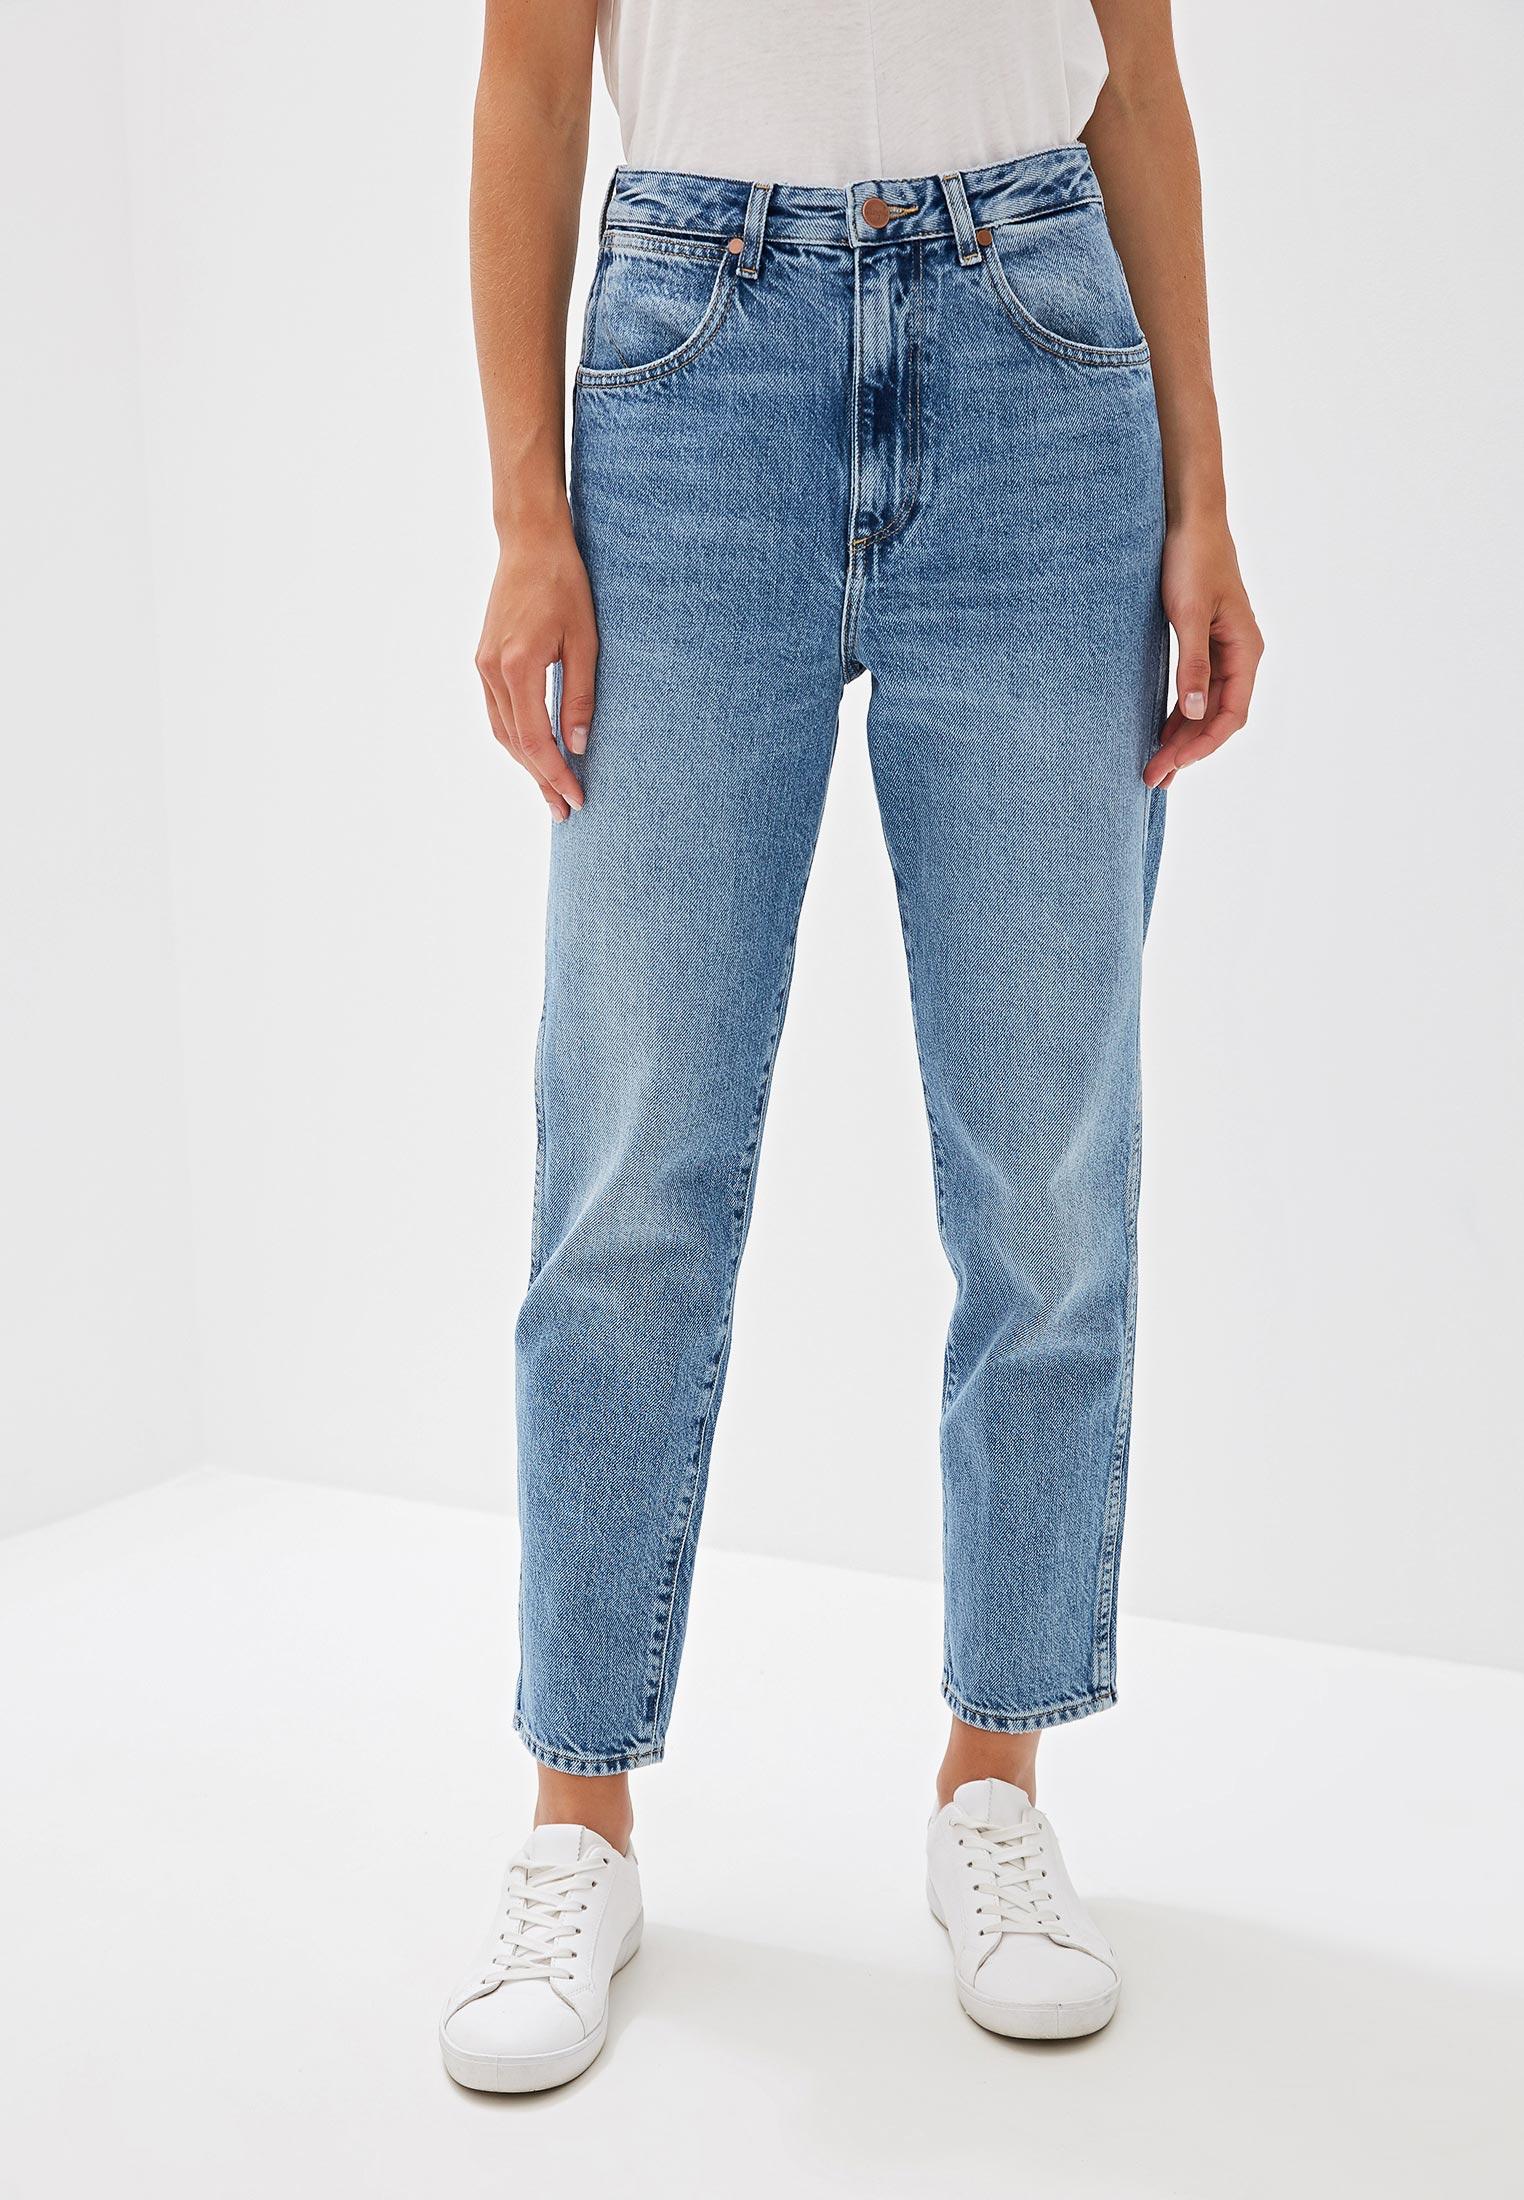 Выбор джинсов: на что обратить внимание?